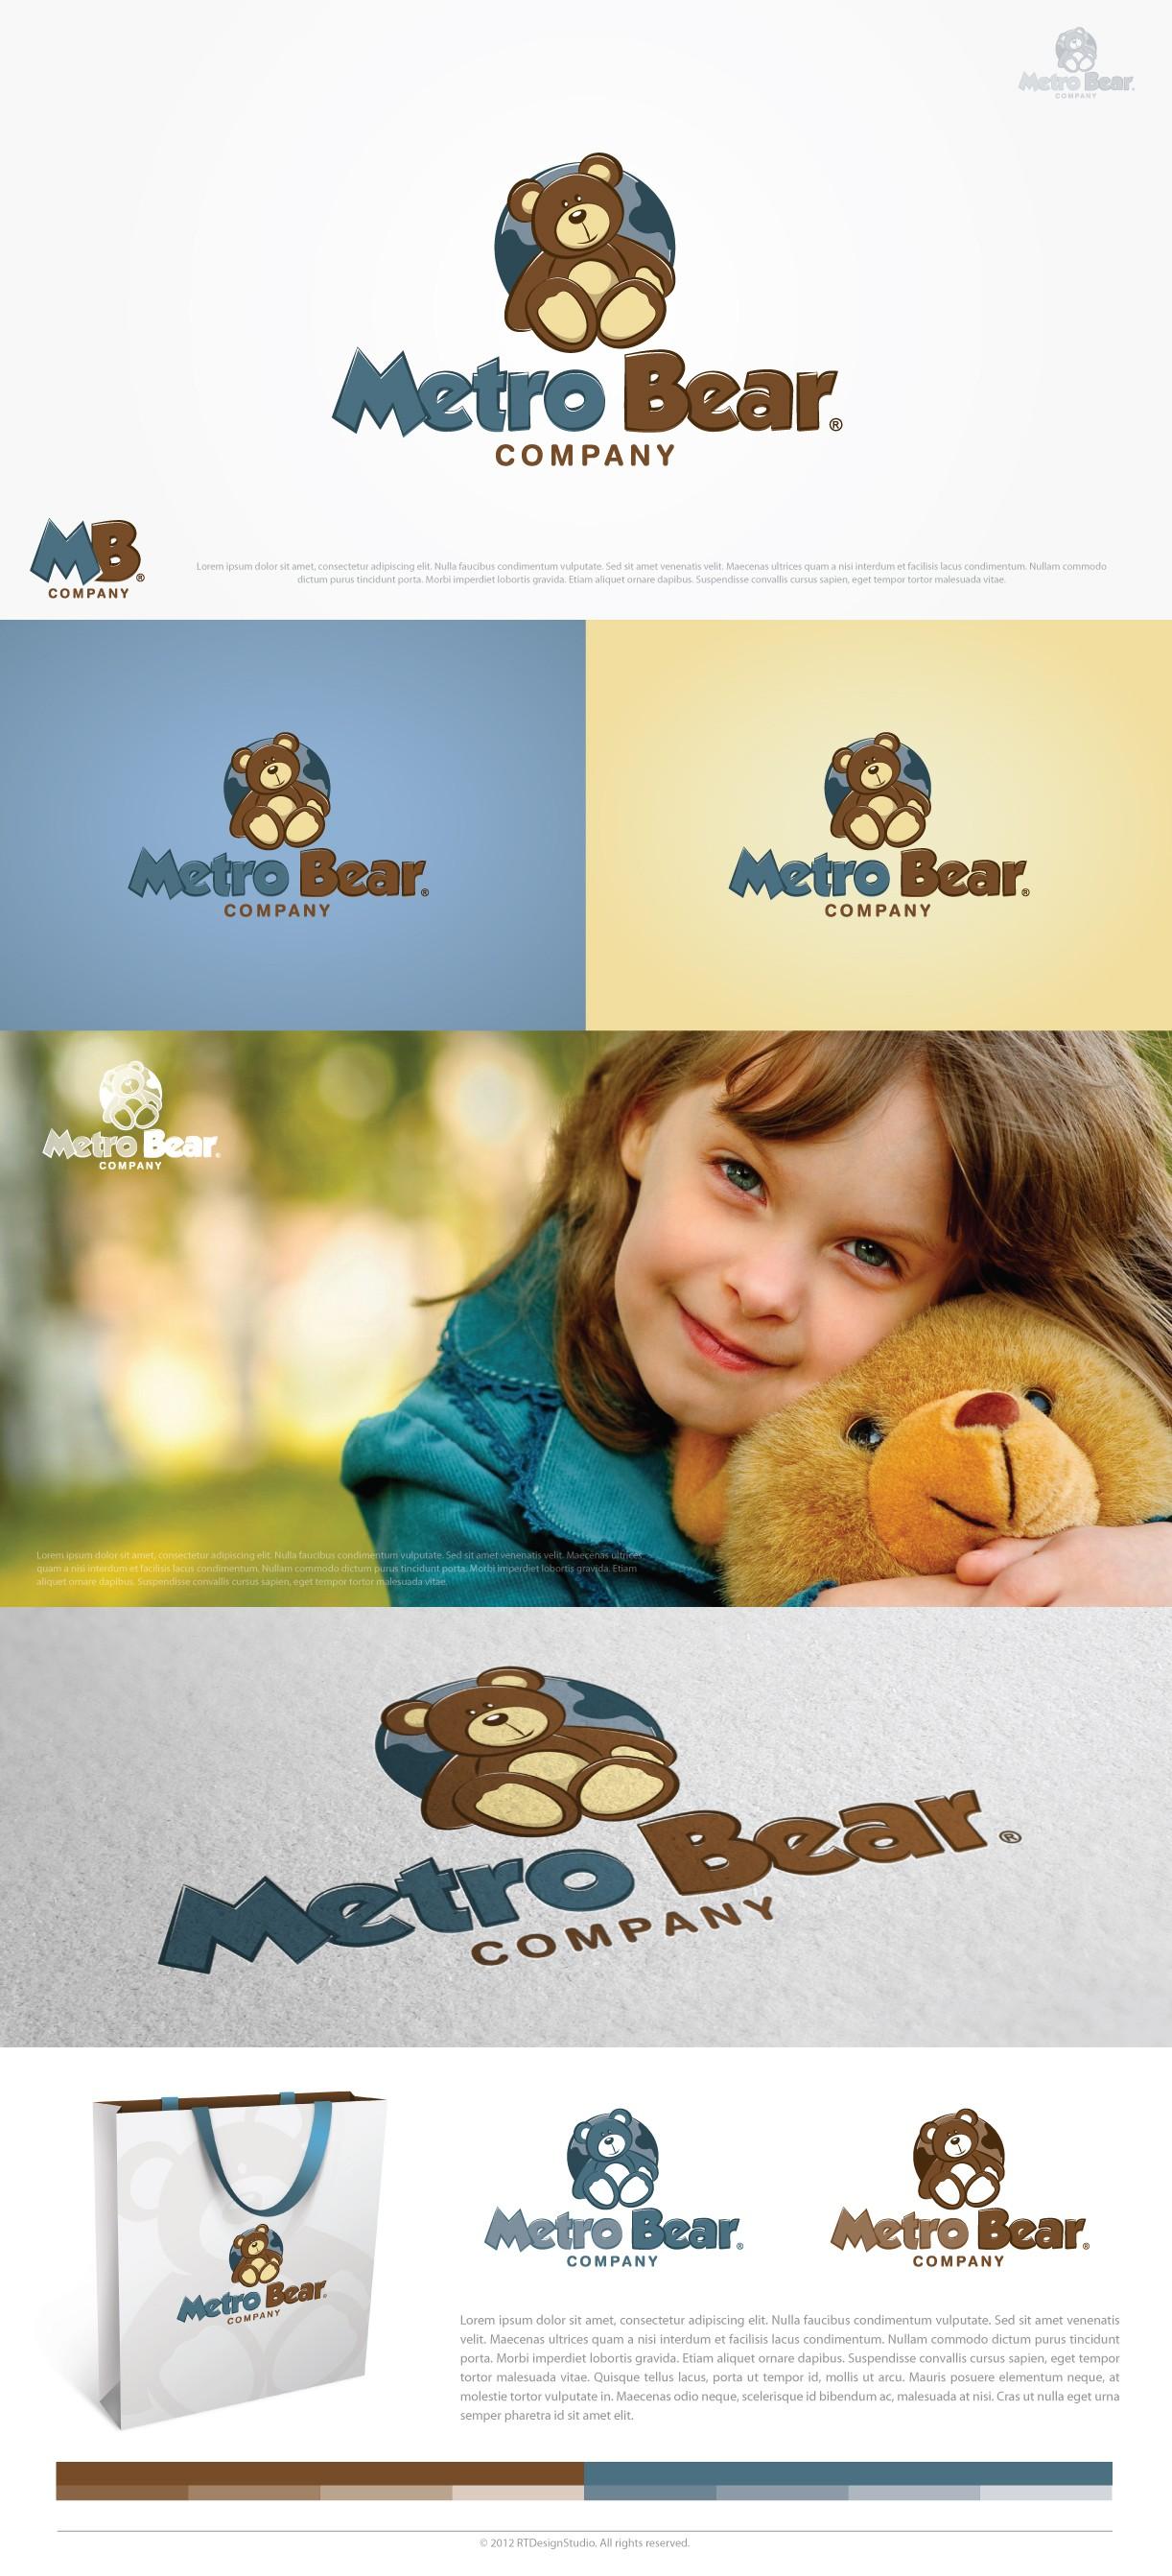 Metro Bear Company needs a great LOGO from you!